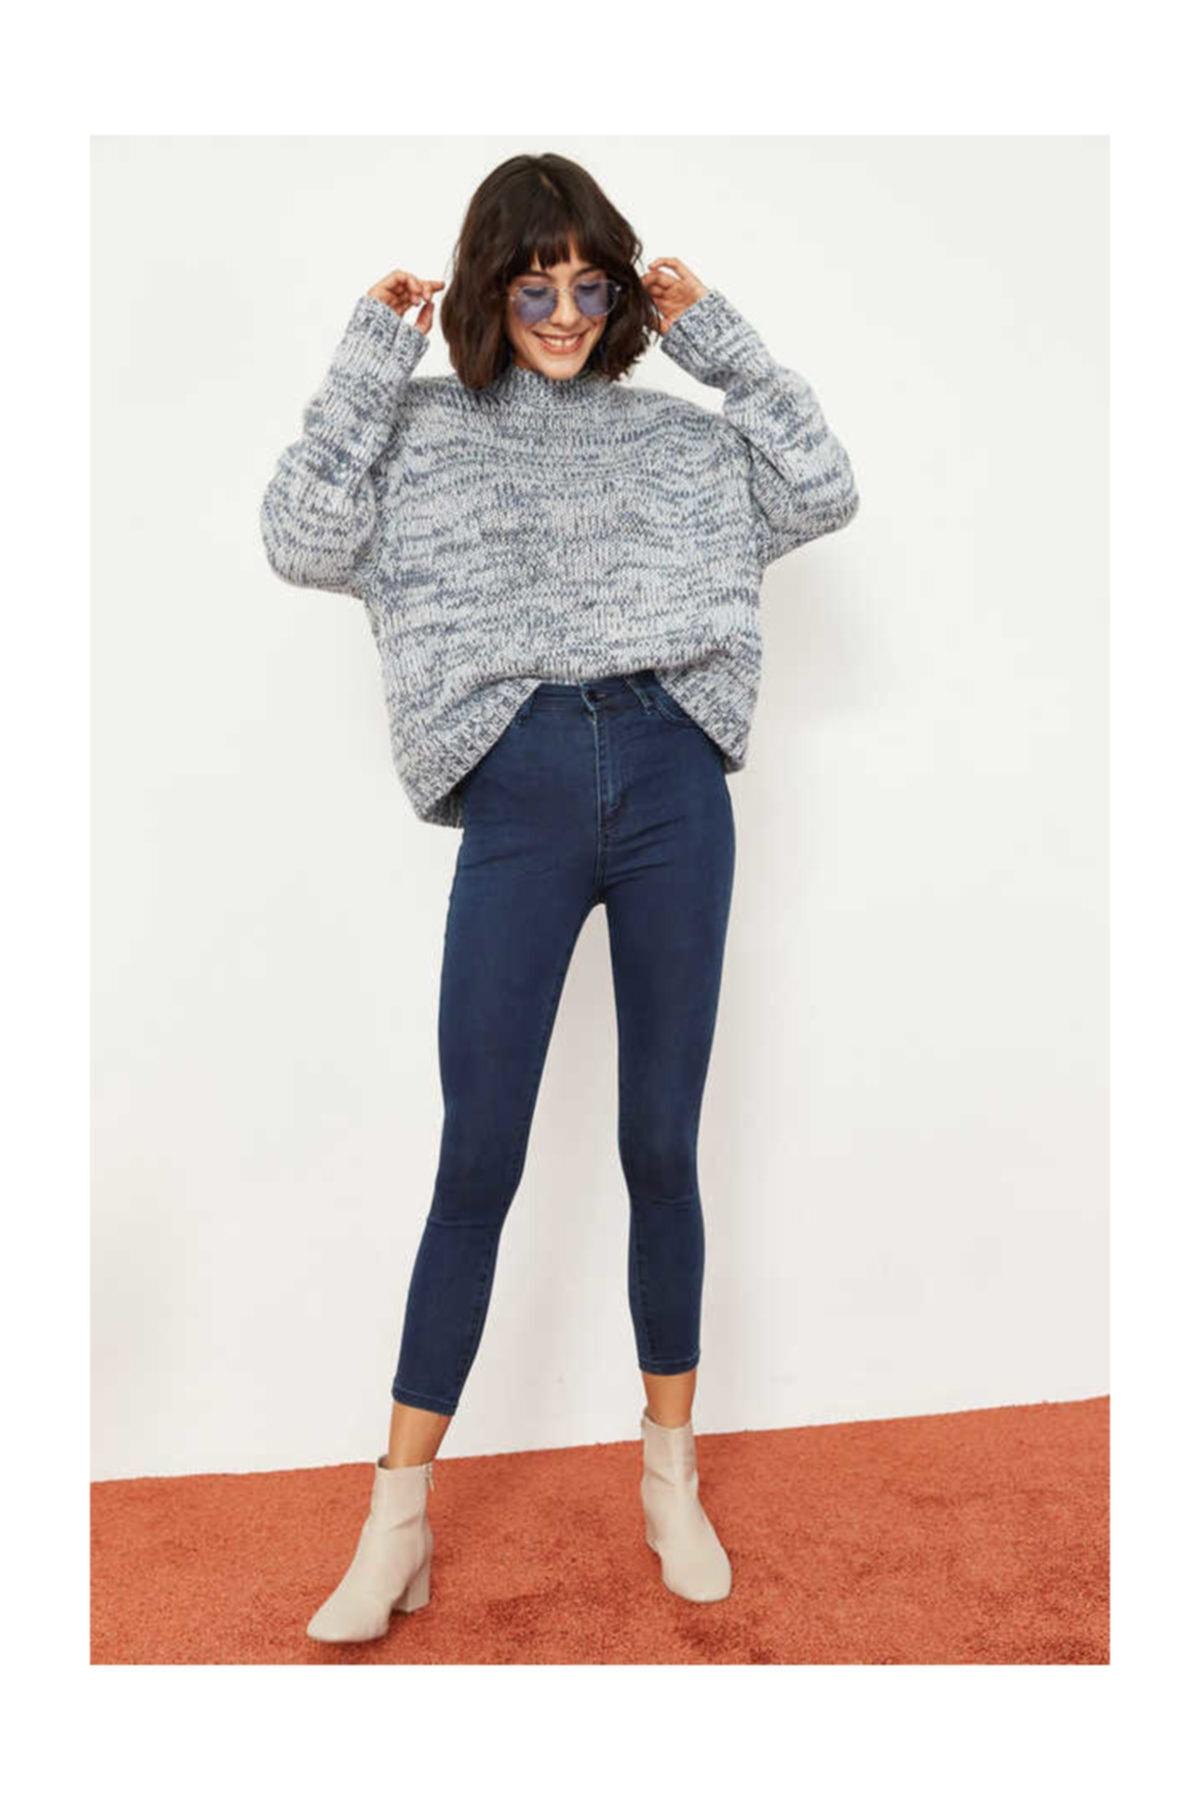 Bianco Lucci Kadın İndigo Likralı Yüksek Bel Skinny Jeans 2915864 1